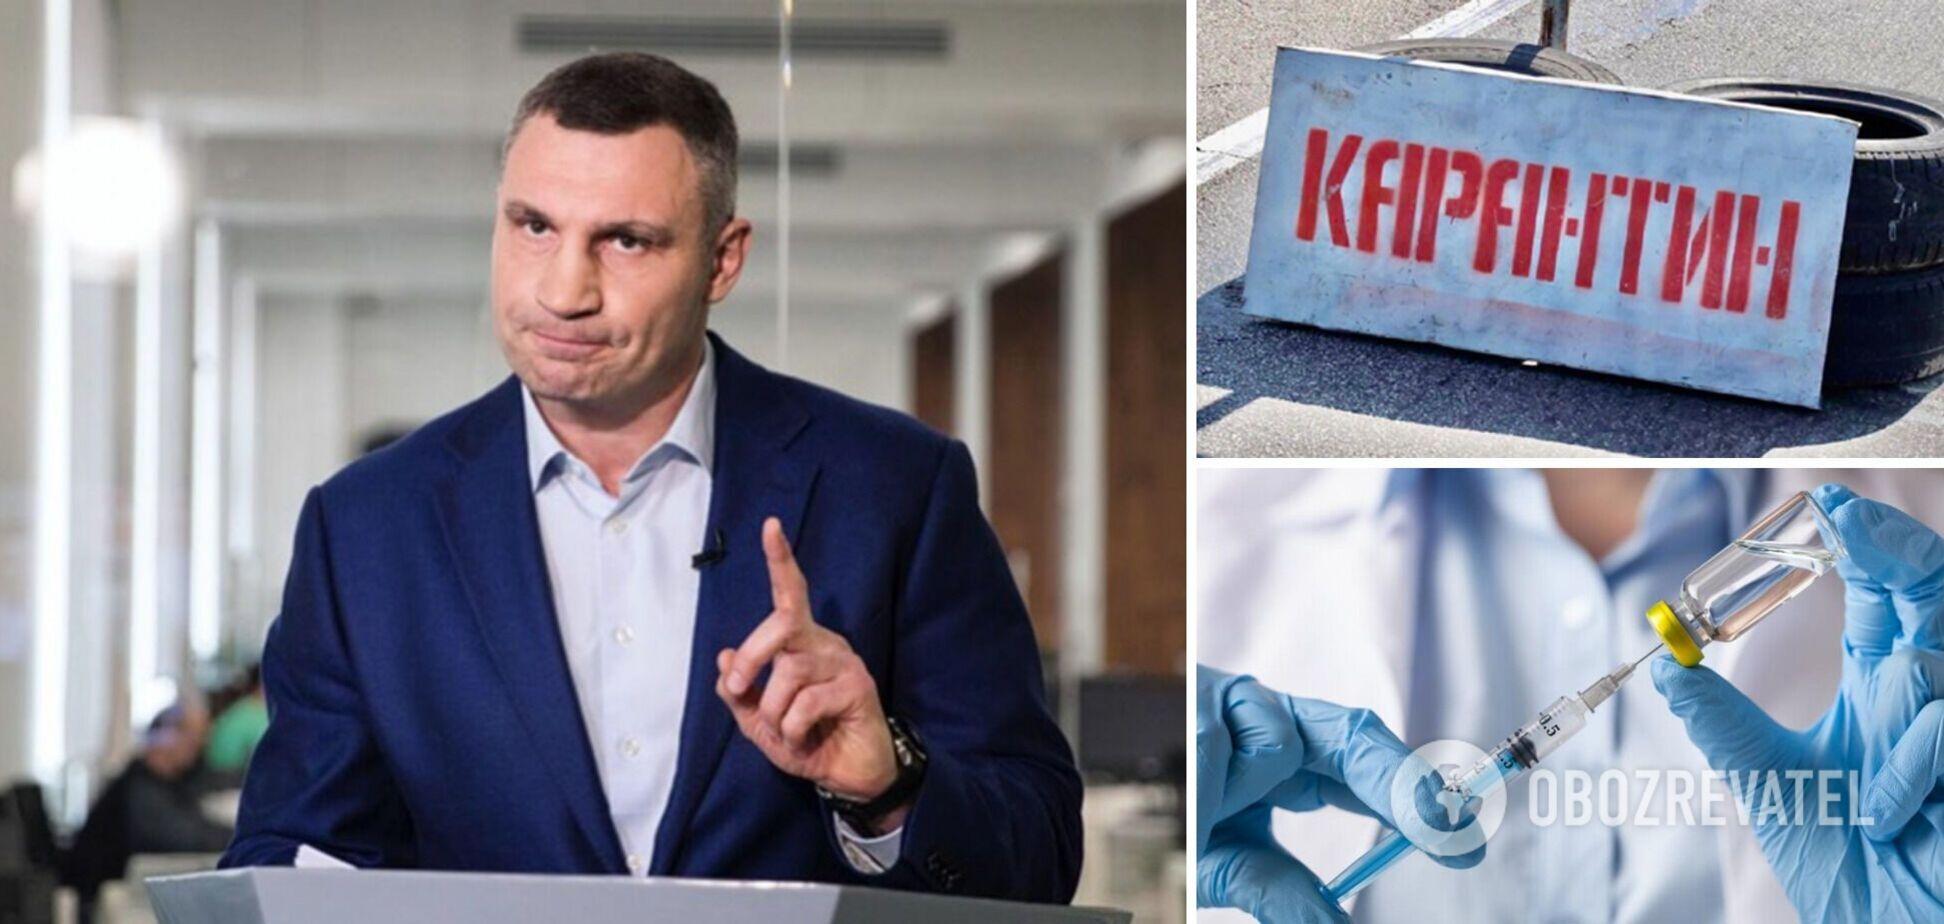 У Києві ухвалять рішення про запровадження додаткових обмежень у столиці, повідомив Кличко